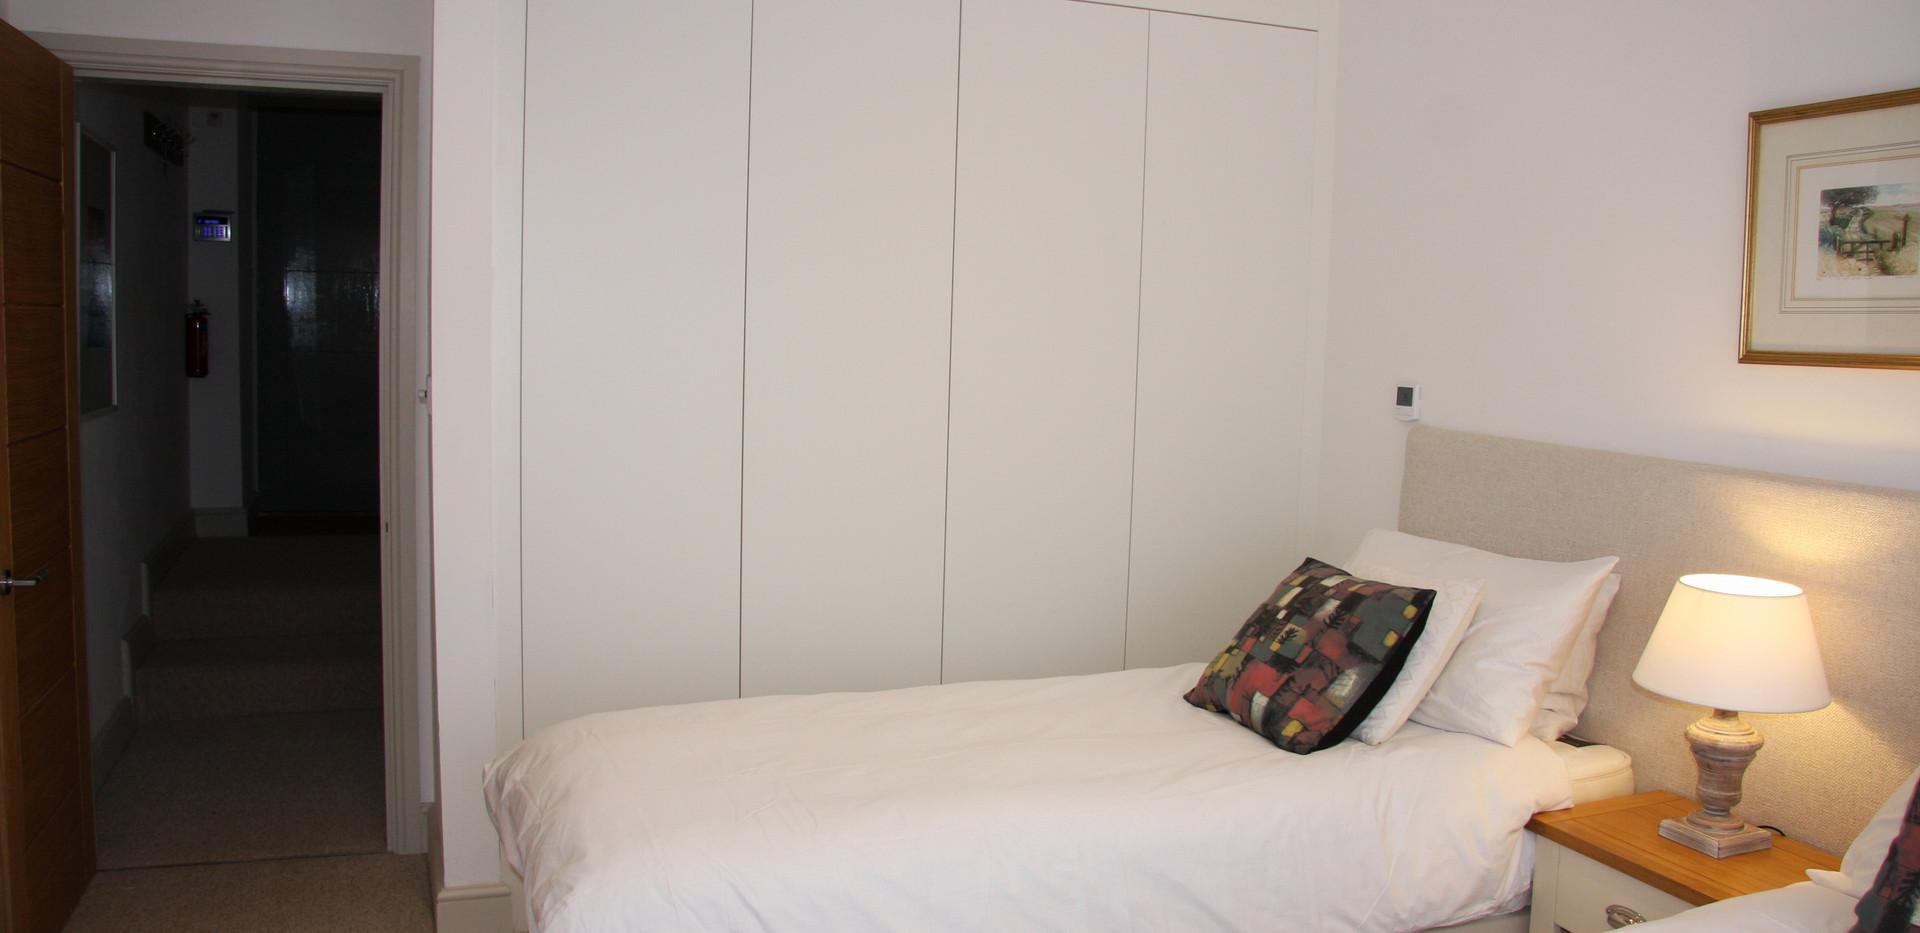 Large wardrobe space